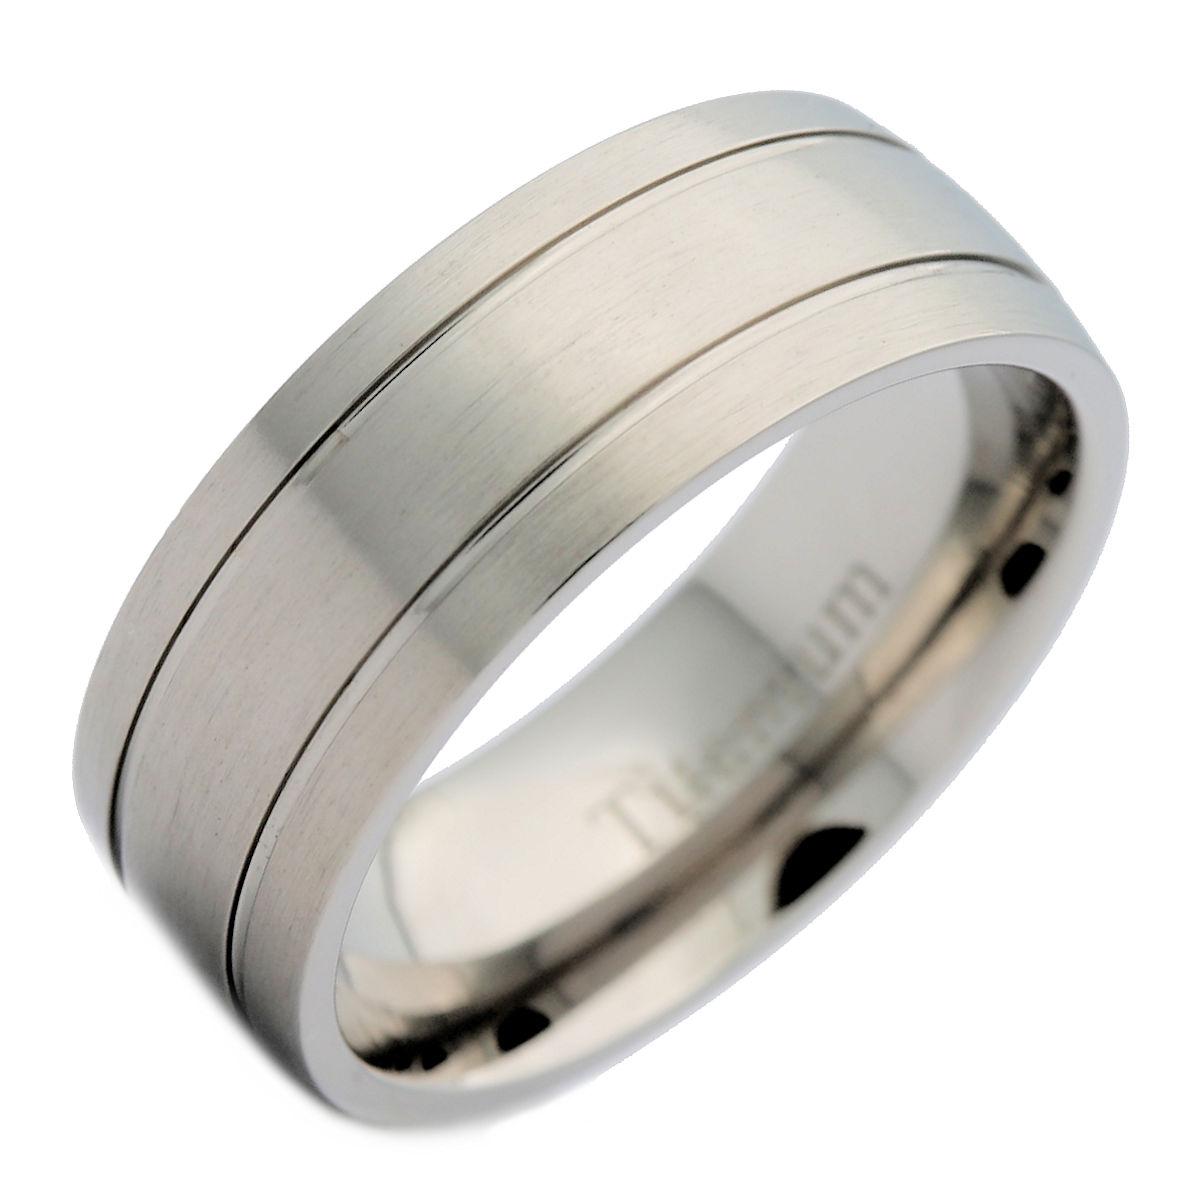 Bridal Titanium Polished Grooved Comfort Back Ring